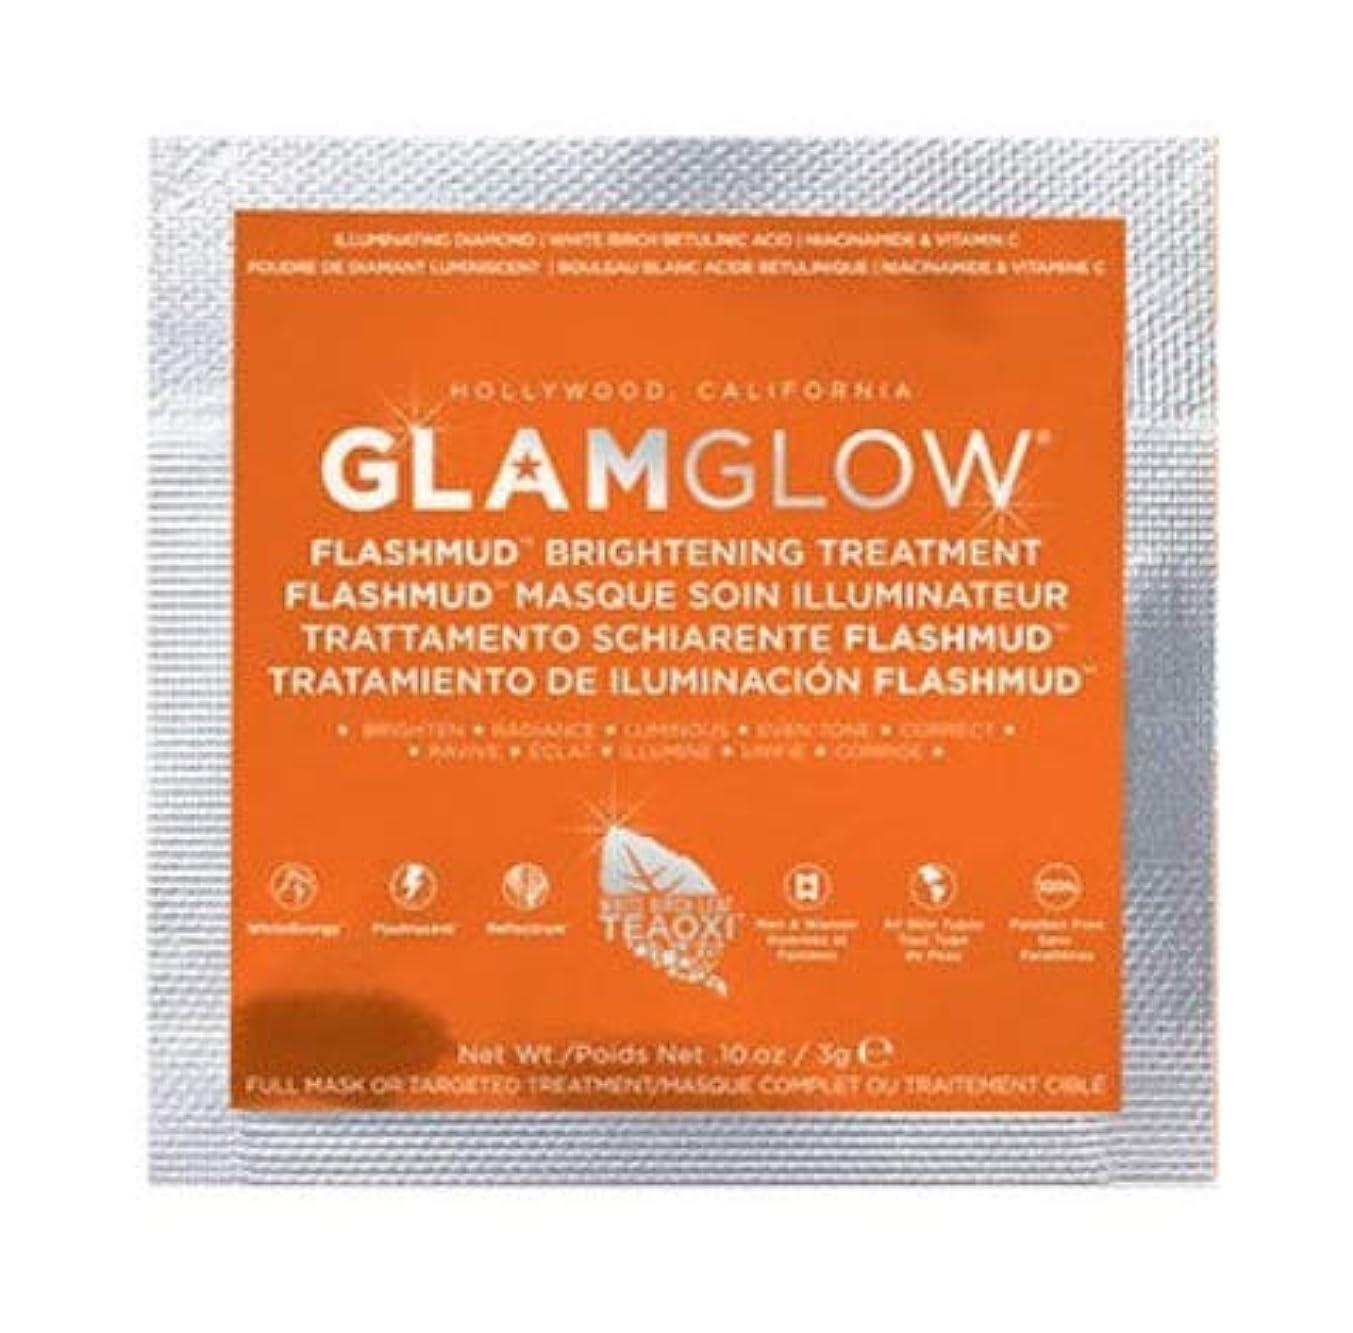 シンボル不道徳農業【サンプルサイズ】グラムグロウ (GLAMGLOW) FLASHMUD 3g (1回分) [並行輸入品]